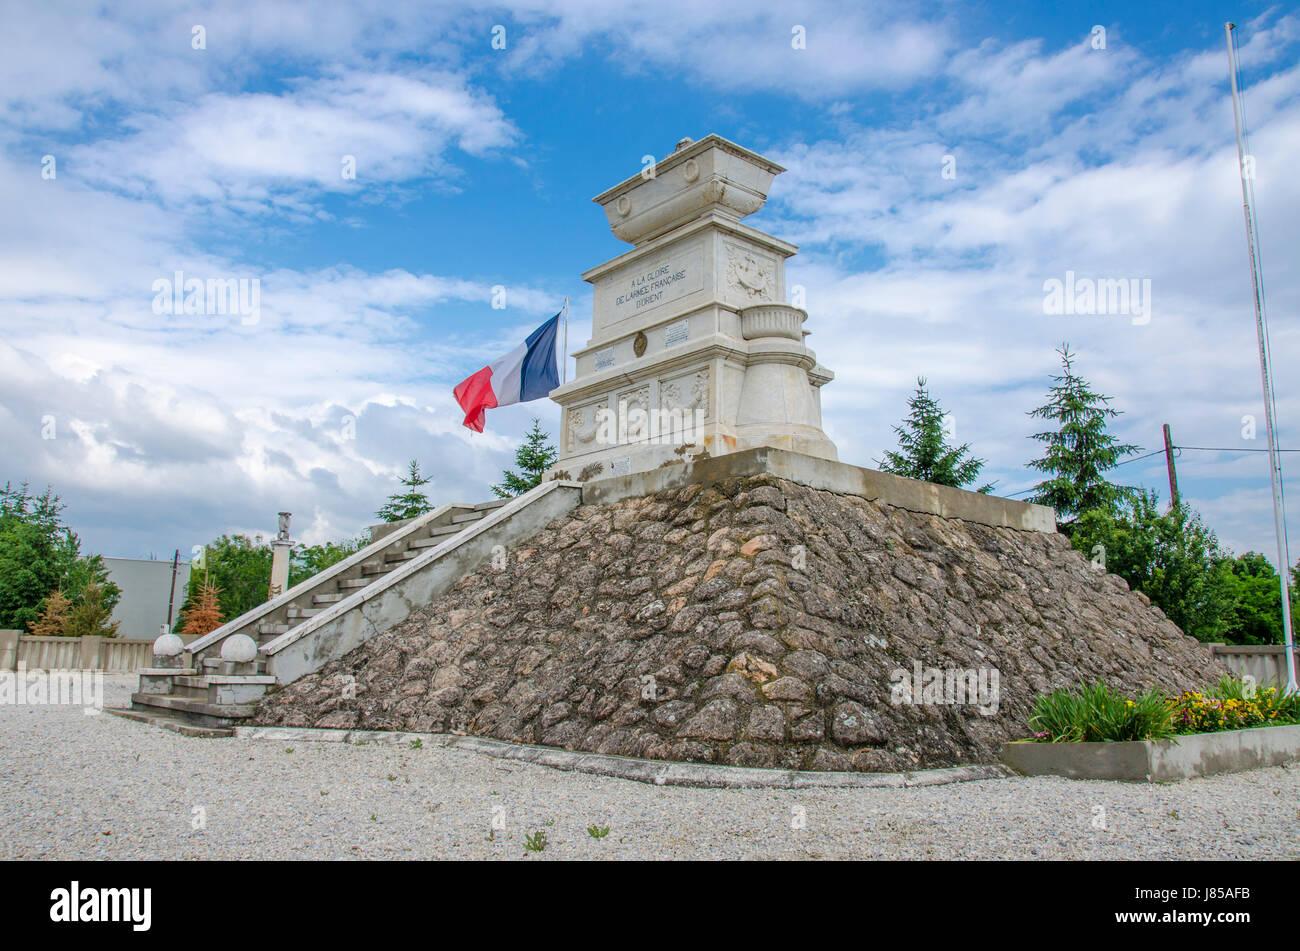 Cimetière militaire français à Bitola - Cimetière Militaire Français Photo Stock